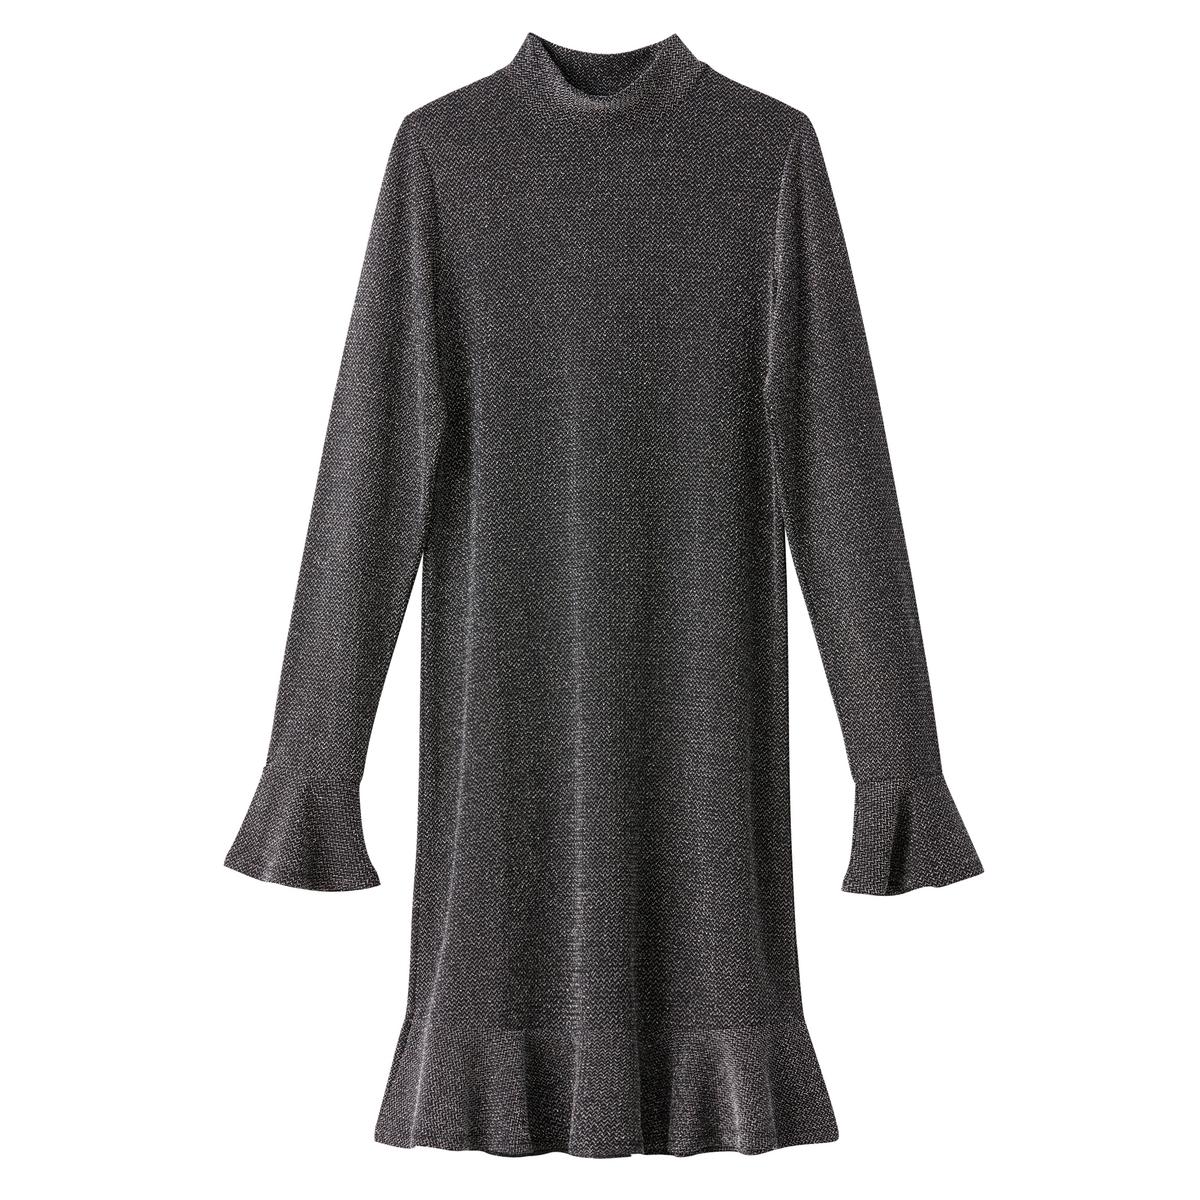 Платье однотонное короткого и расклешенного покроя с длинными рукавамиОписание:Детали •  Форма : расклешенная •  Укороченная модель •  Длинные рукава    •  Воротник-стойкаСостав и уход •  8% эластана, 31% металлизированных волокон, 61% полиамида •  Температура стирки 30° на деликатном режиме   •  Сухая чистка и отбеливание запрещены    •  Не использовать барабанную сушку •  Не гладить<br><br>Цвет: разноцветный,серебристый металлик<br>Размер: S.XXL.L.M.S.XXL.XL.M